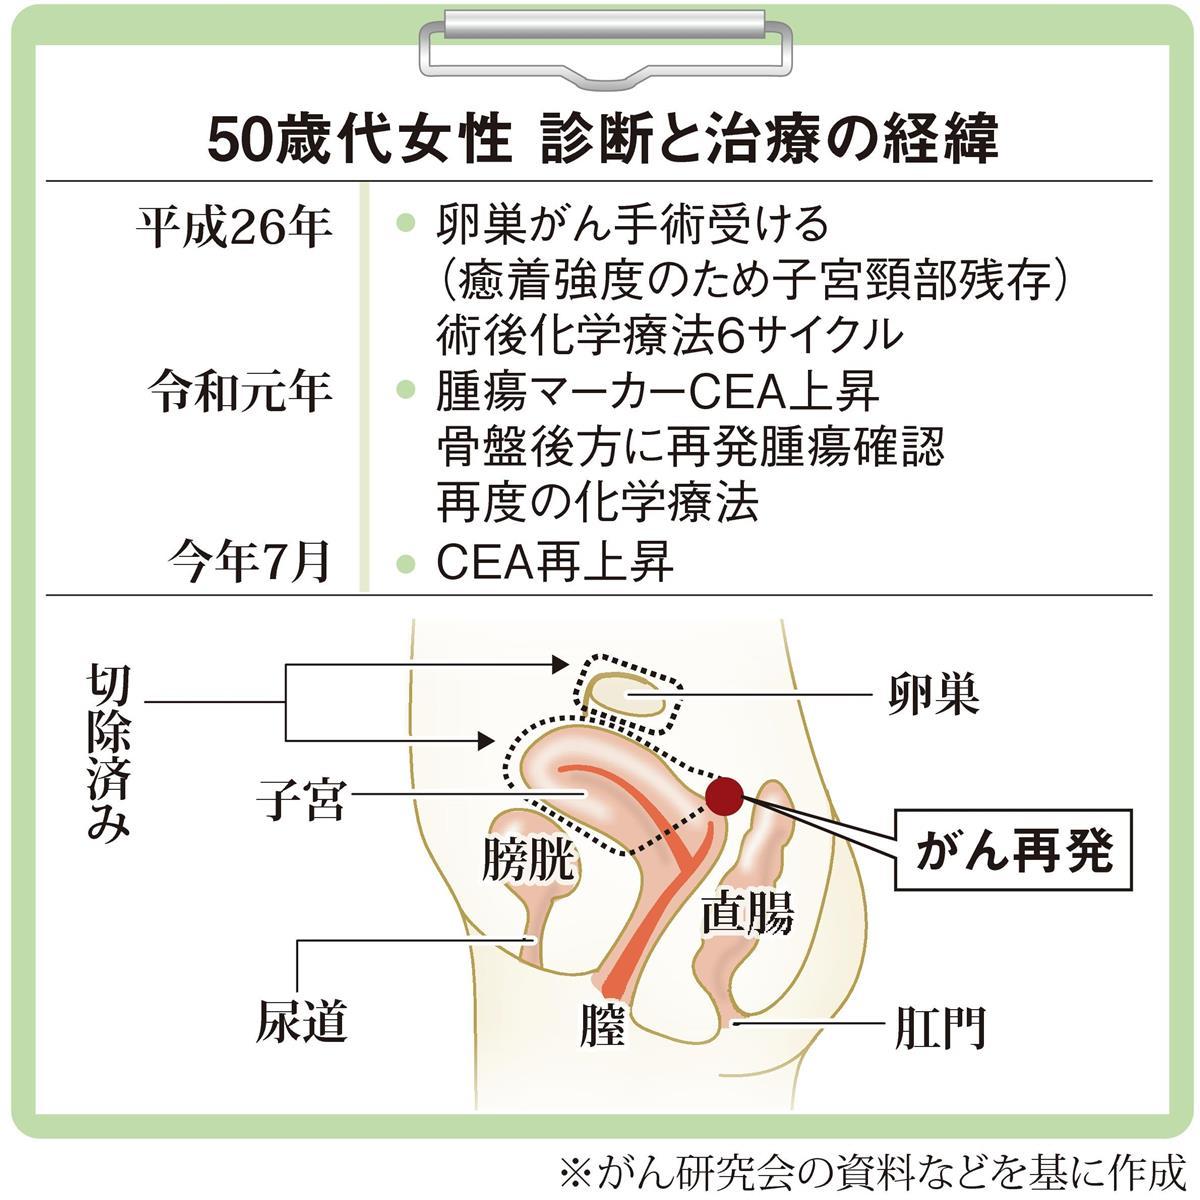 腫瘍 マーカー cea